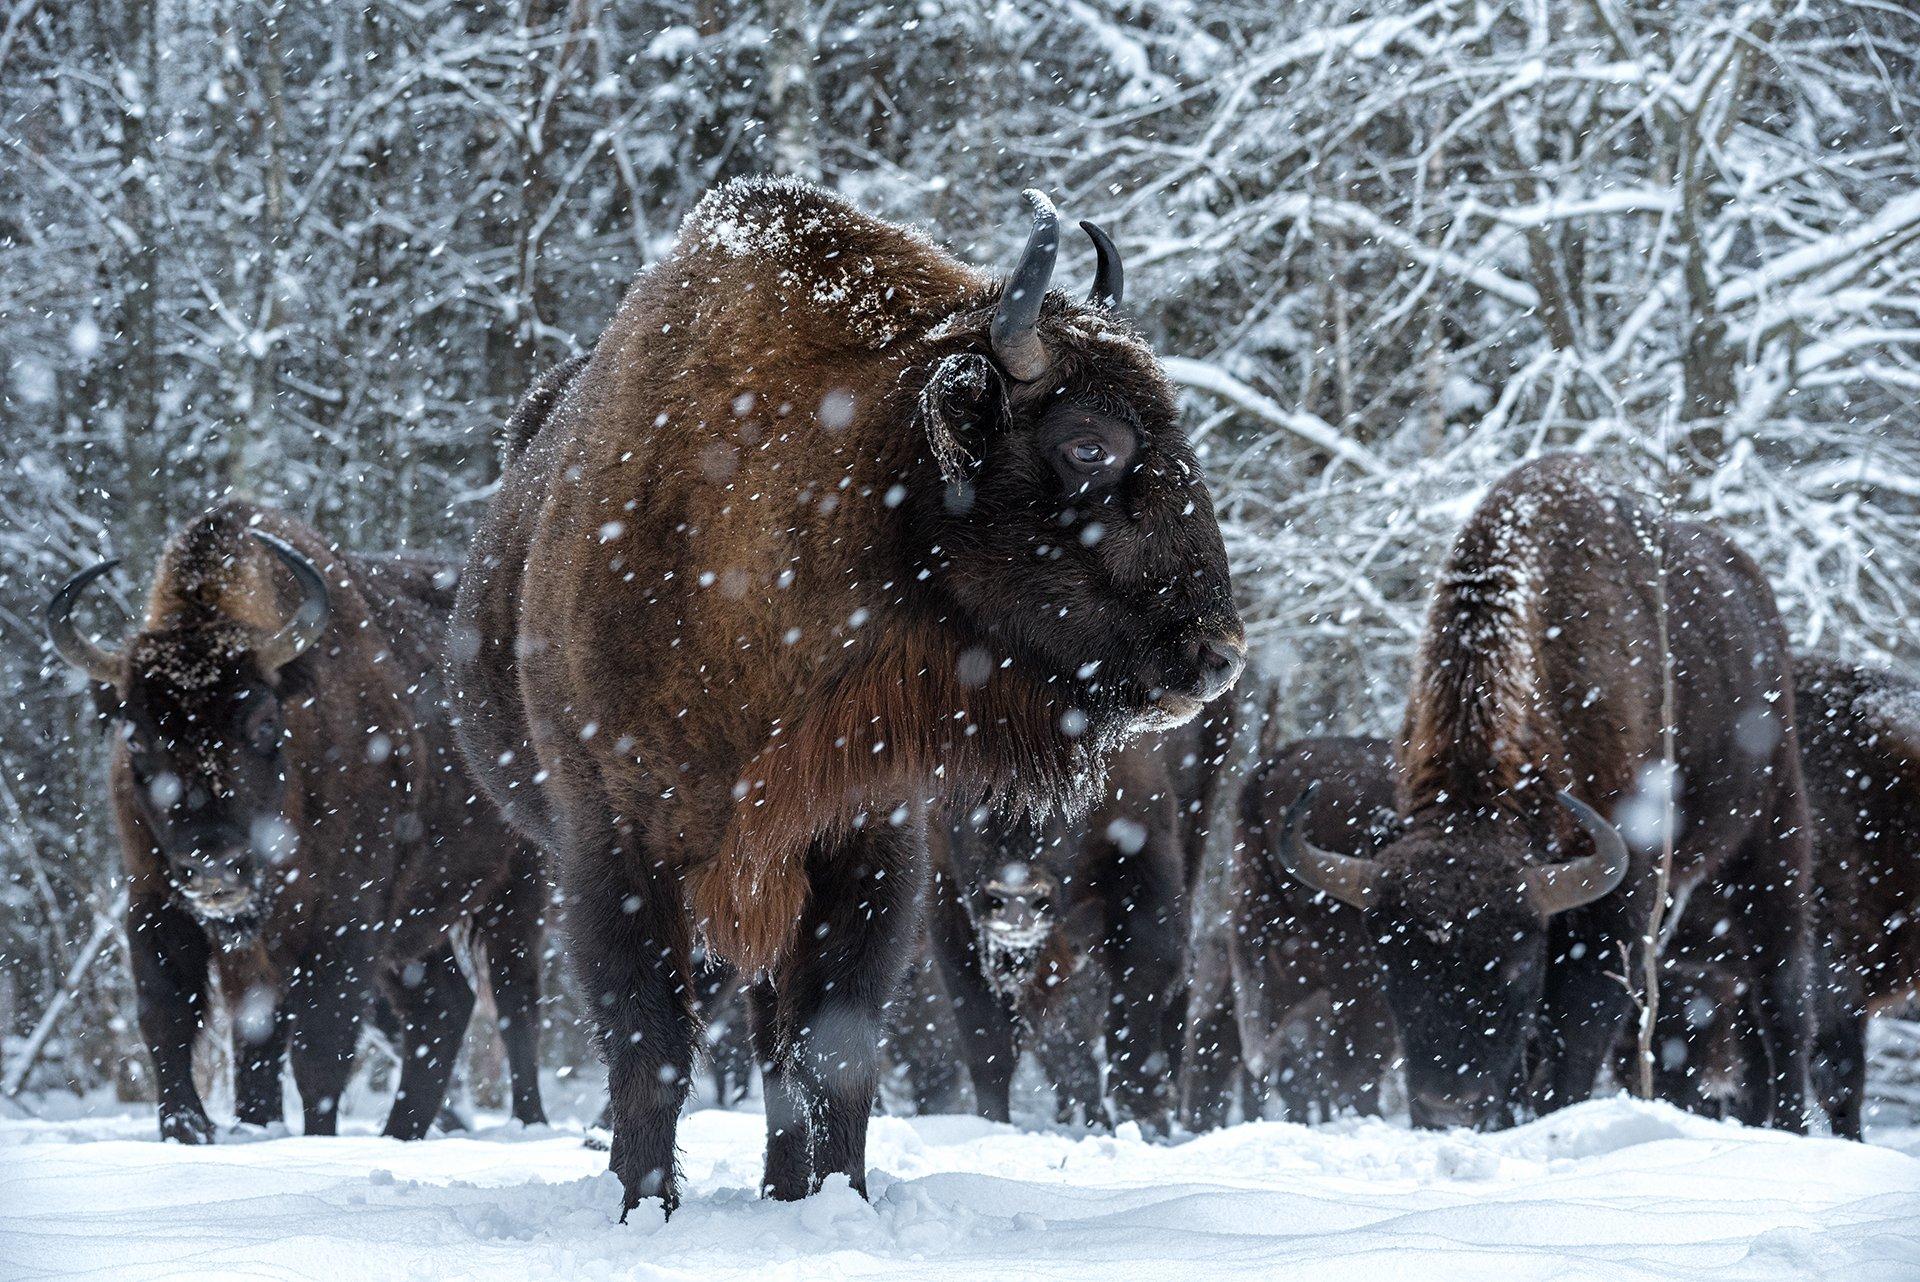 зубр, заповедник, калужские засеки, метель, зима, снег, животные, Игорь Зубков